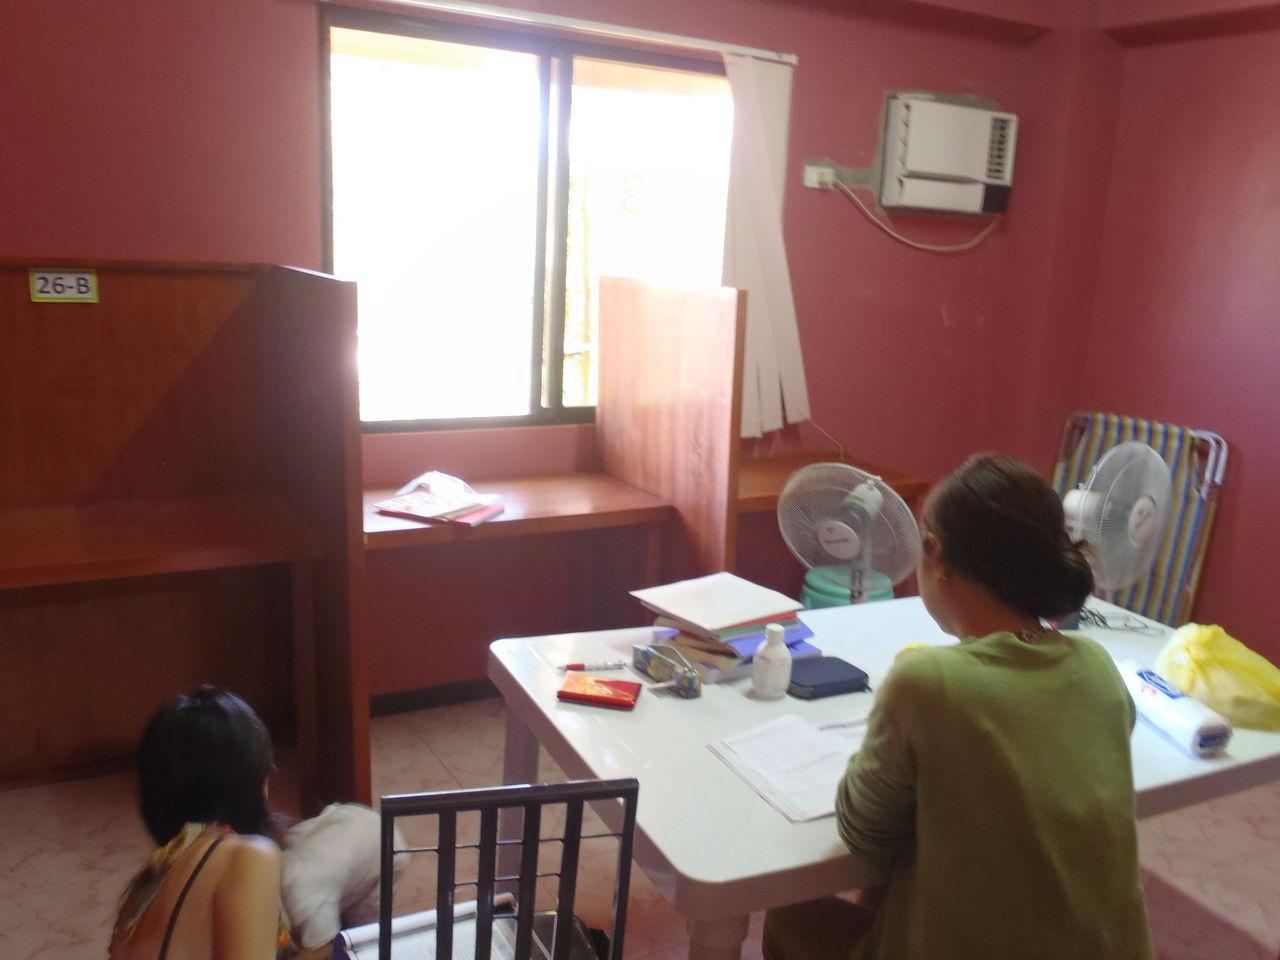 ドゥマゲッティー語学学校B&Dが校舎を移転しました